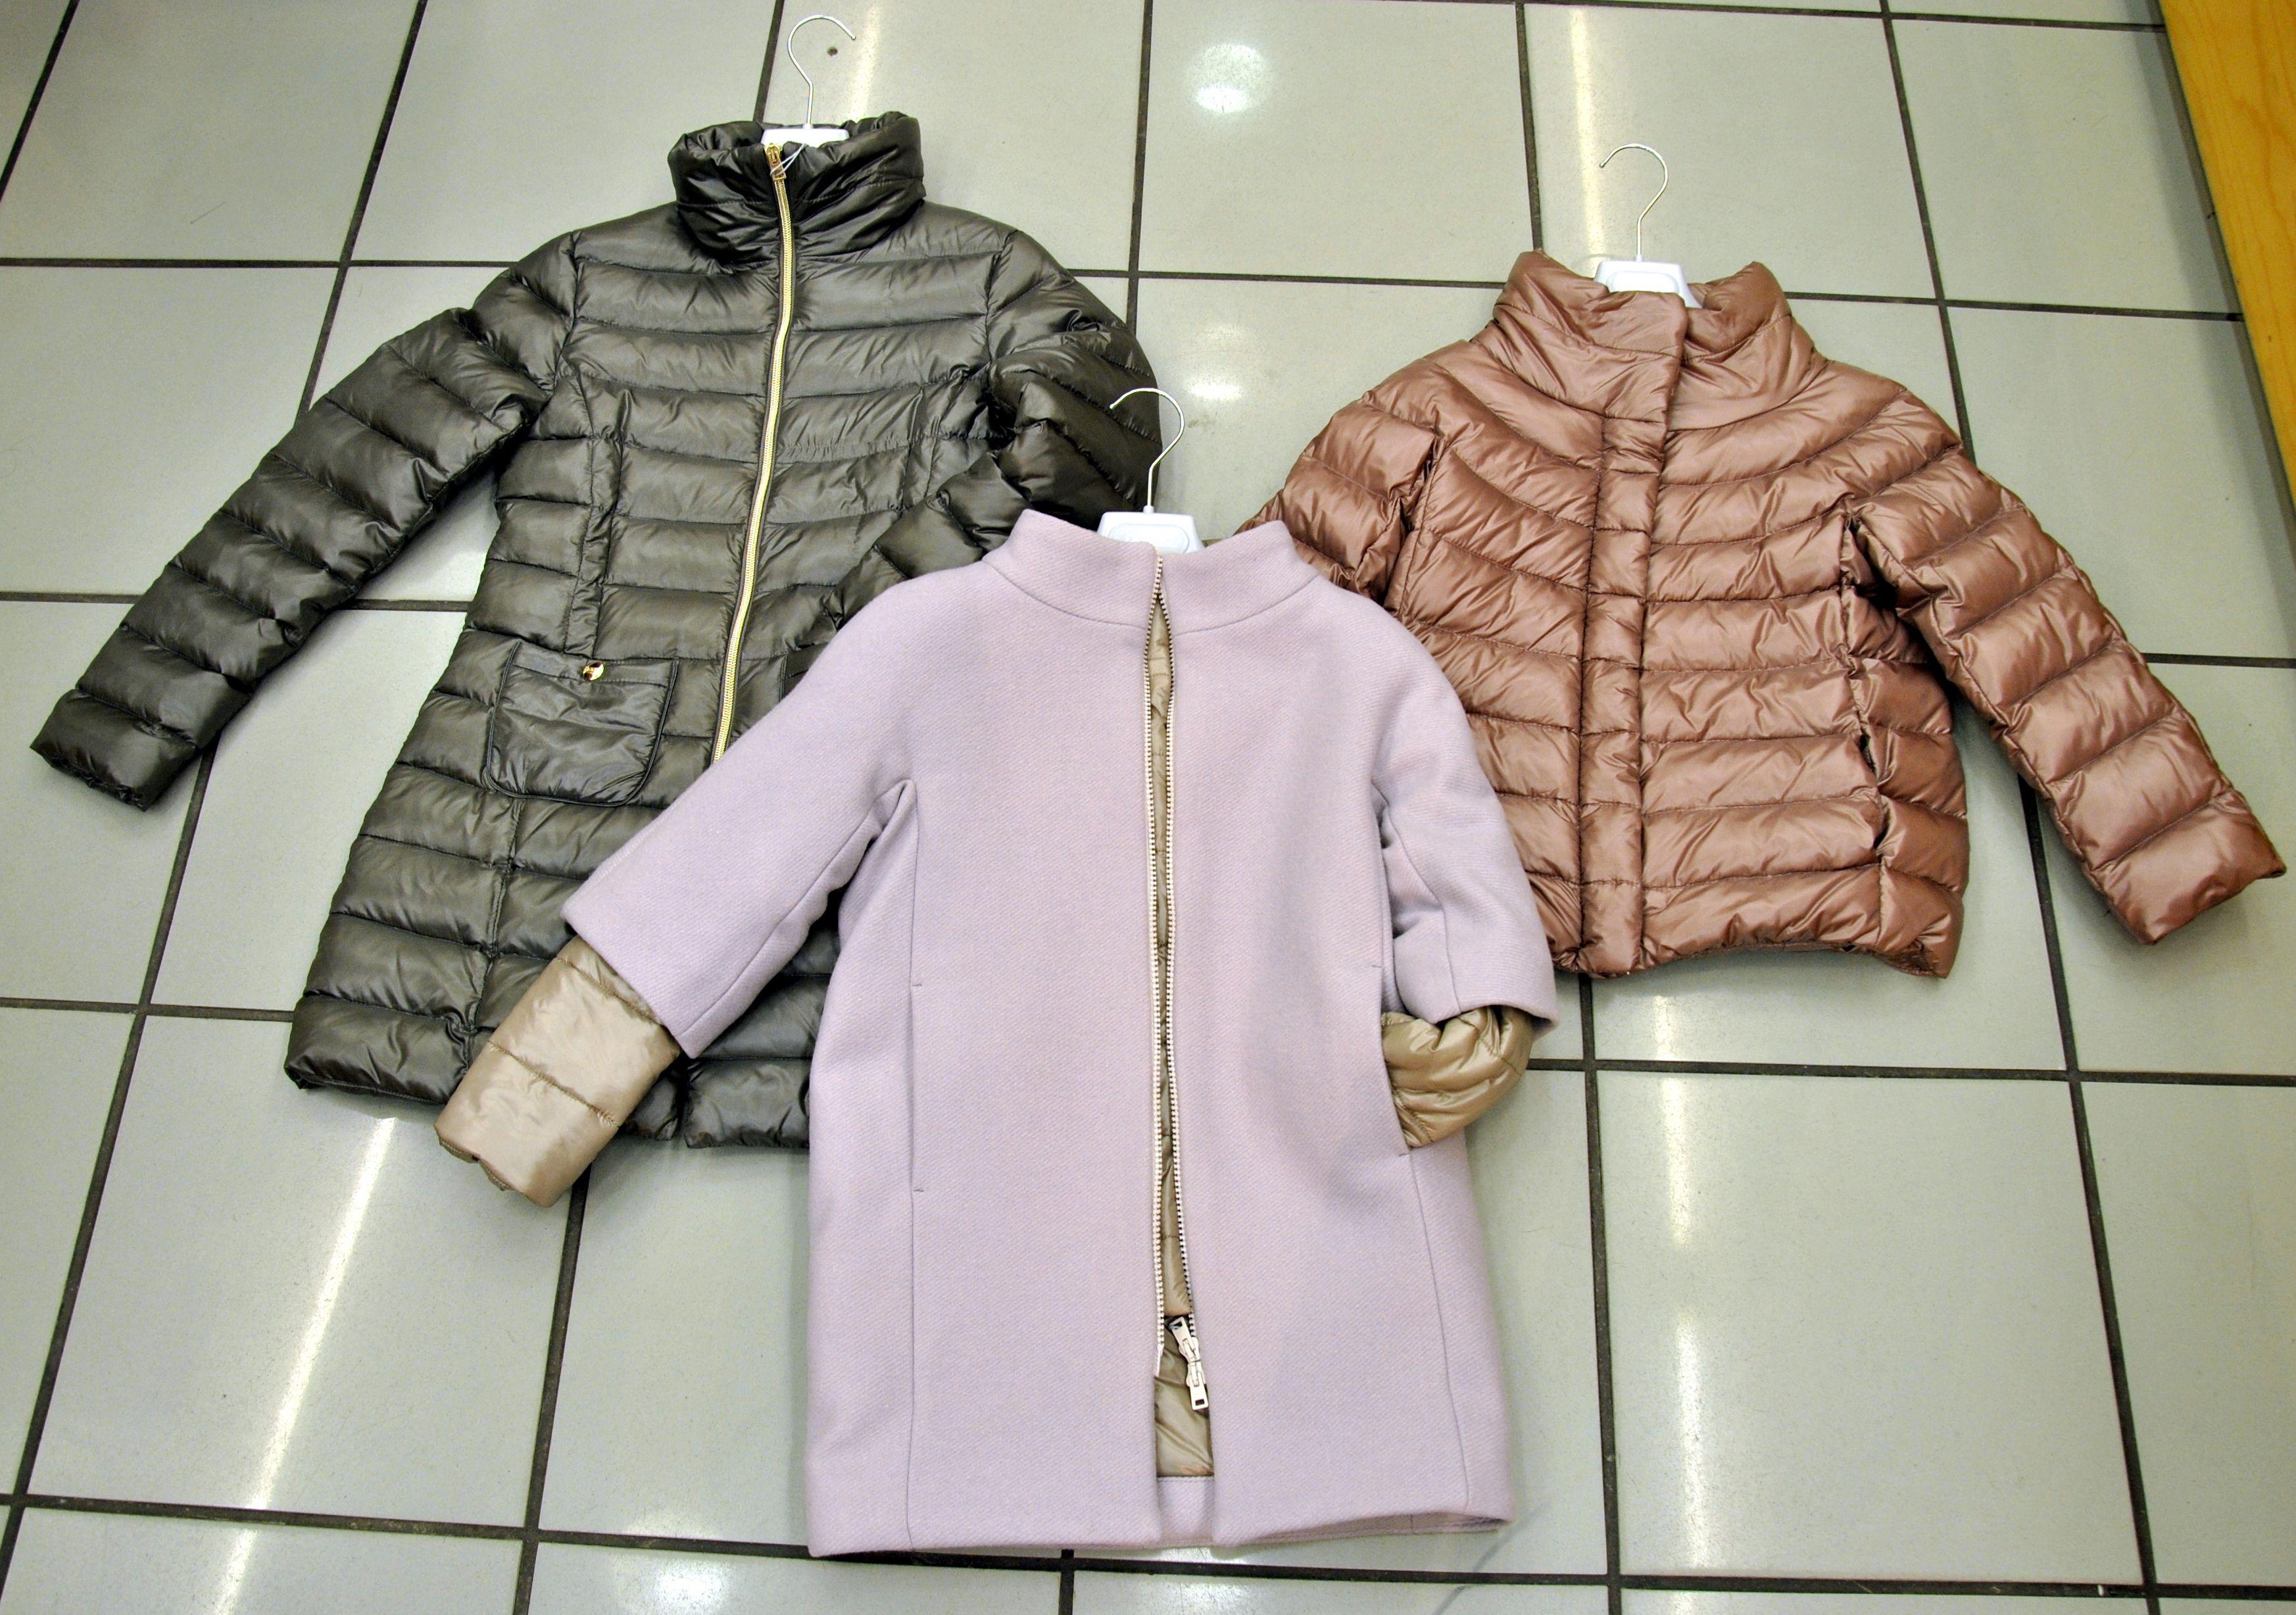 innovative design 7ddf3 9120c Piumino lungo grigio, Bomberino rosa, Cappottino grigio ...